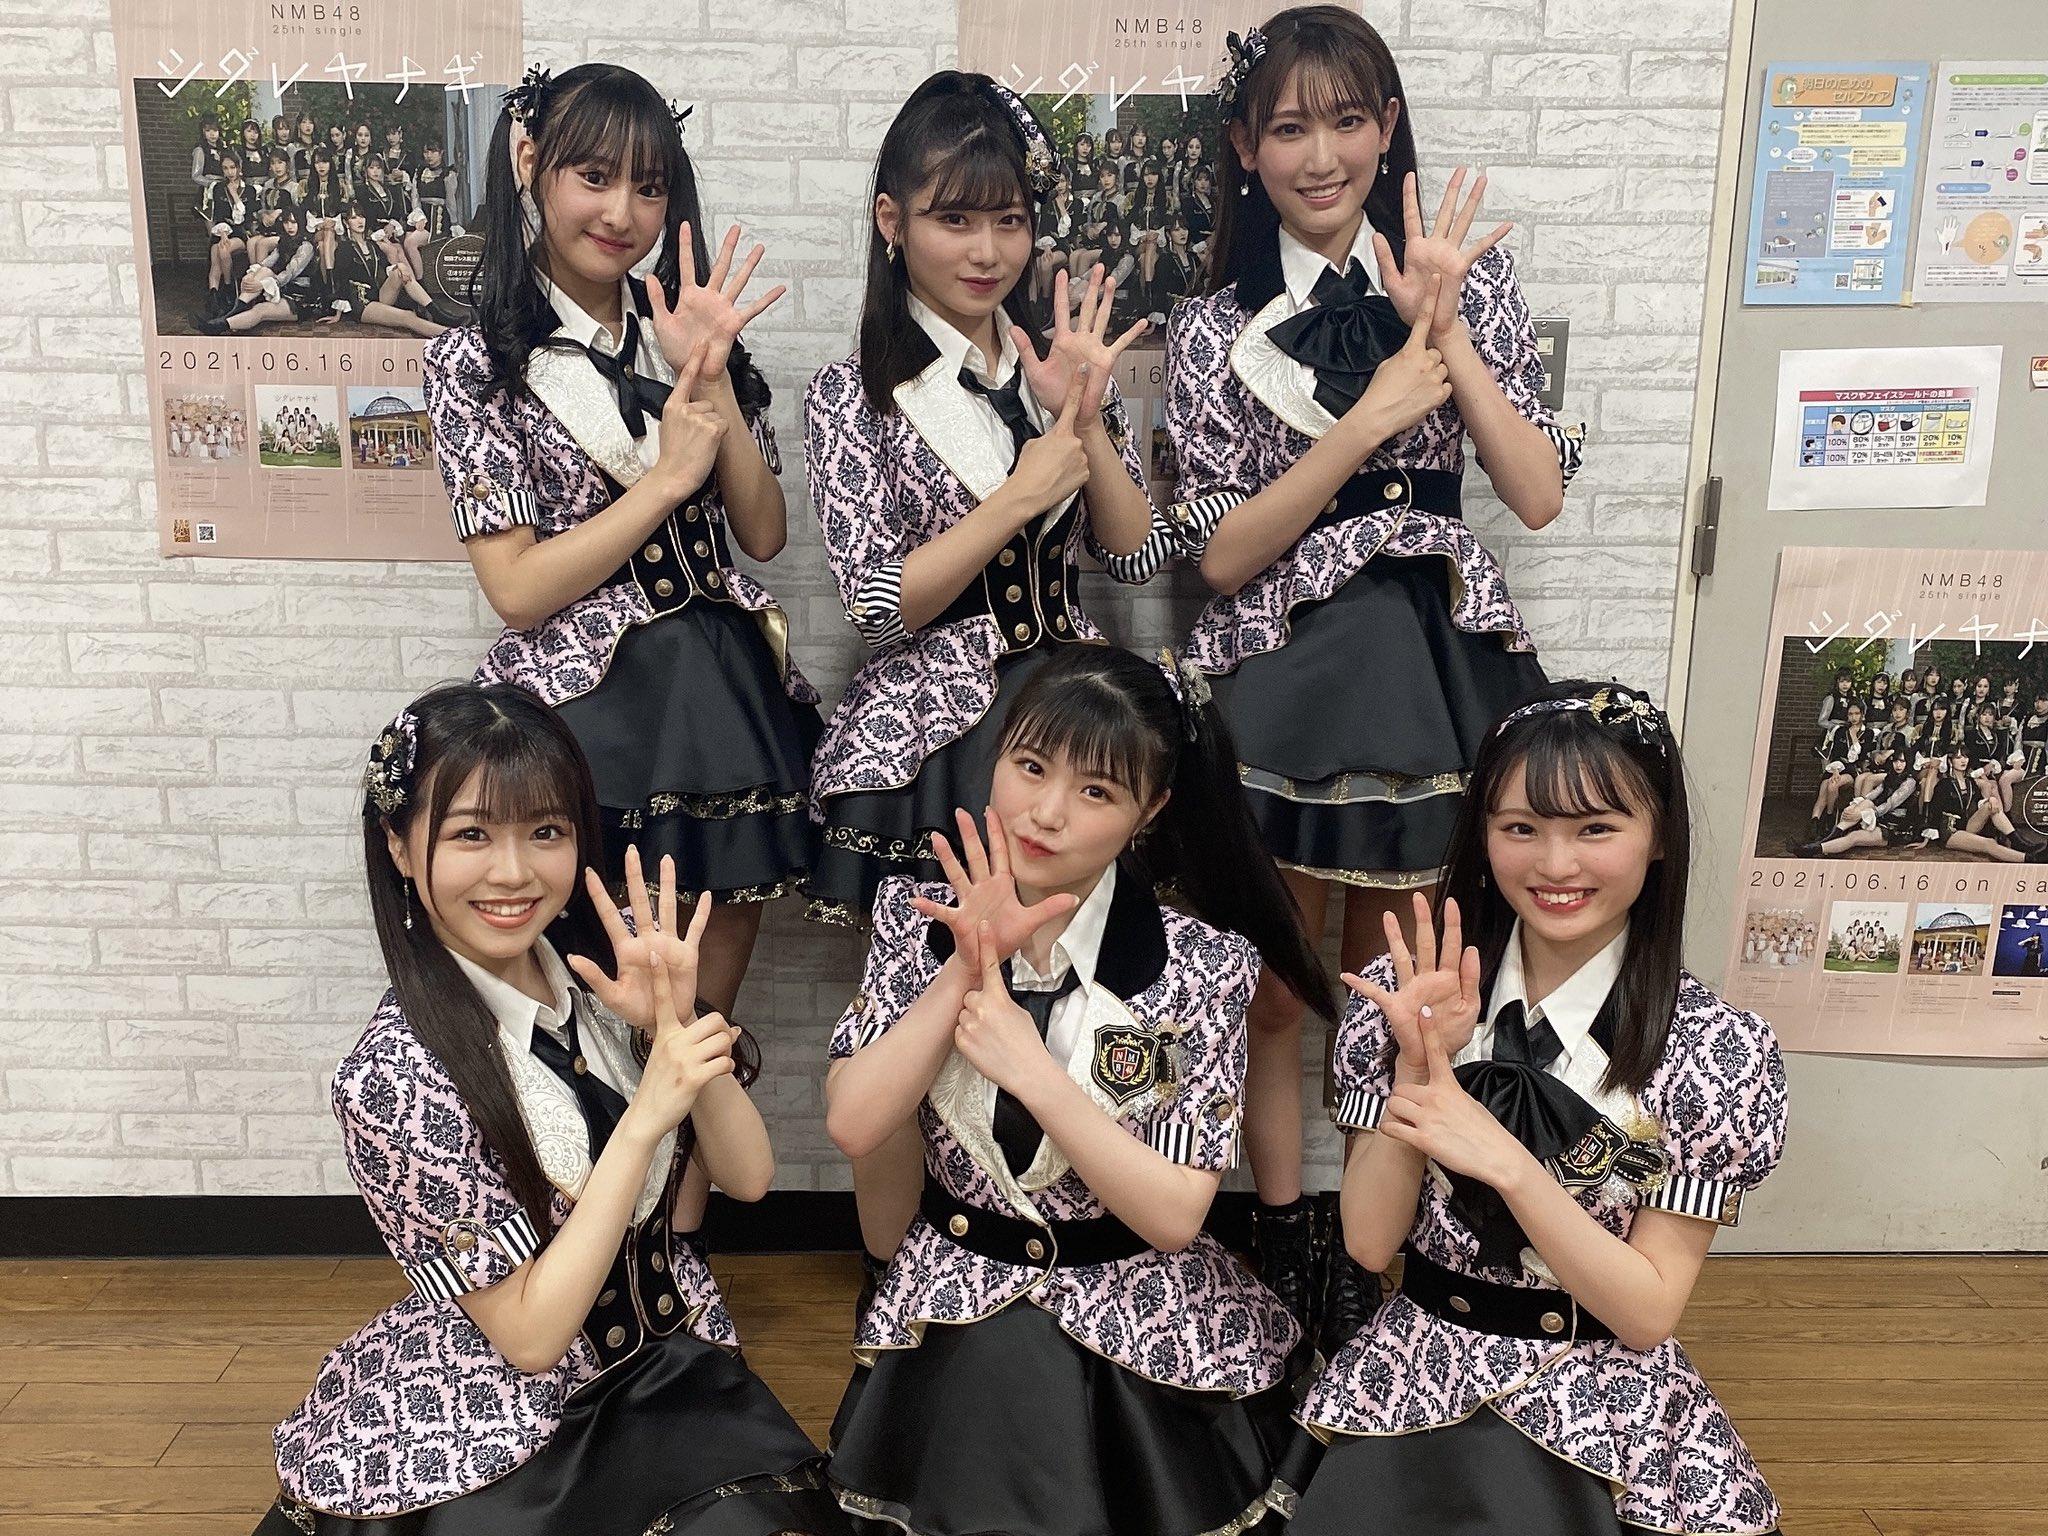 【NMB48】9月26日に冠ライブ《貞野遥香プロデュース 「石の上にも3年」 6期生公演》が開催